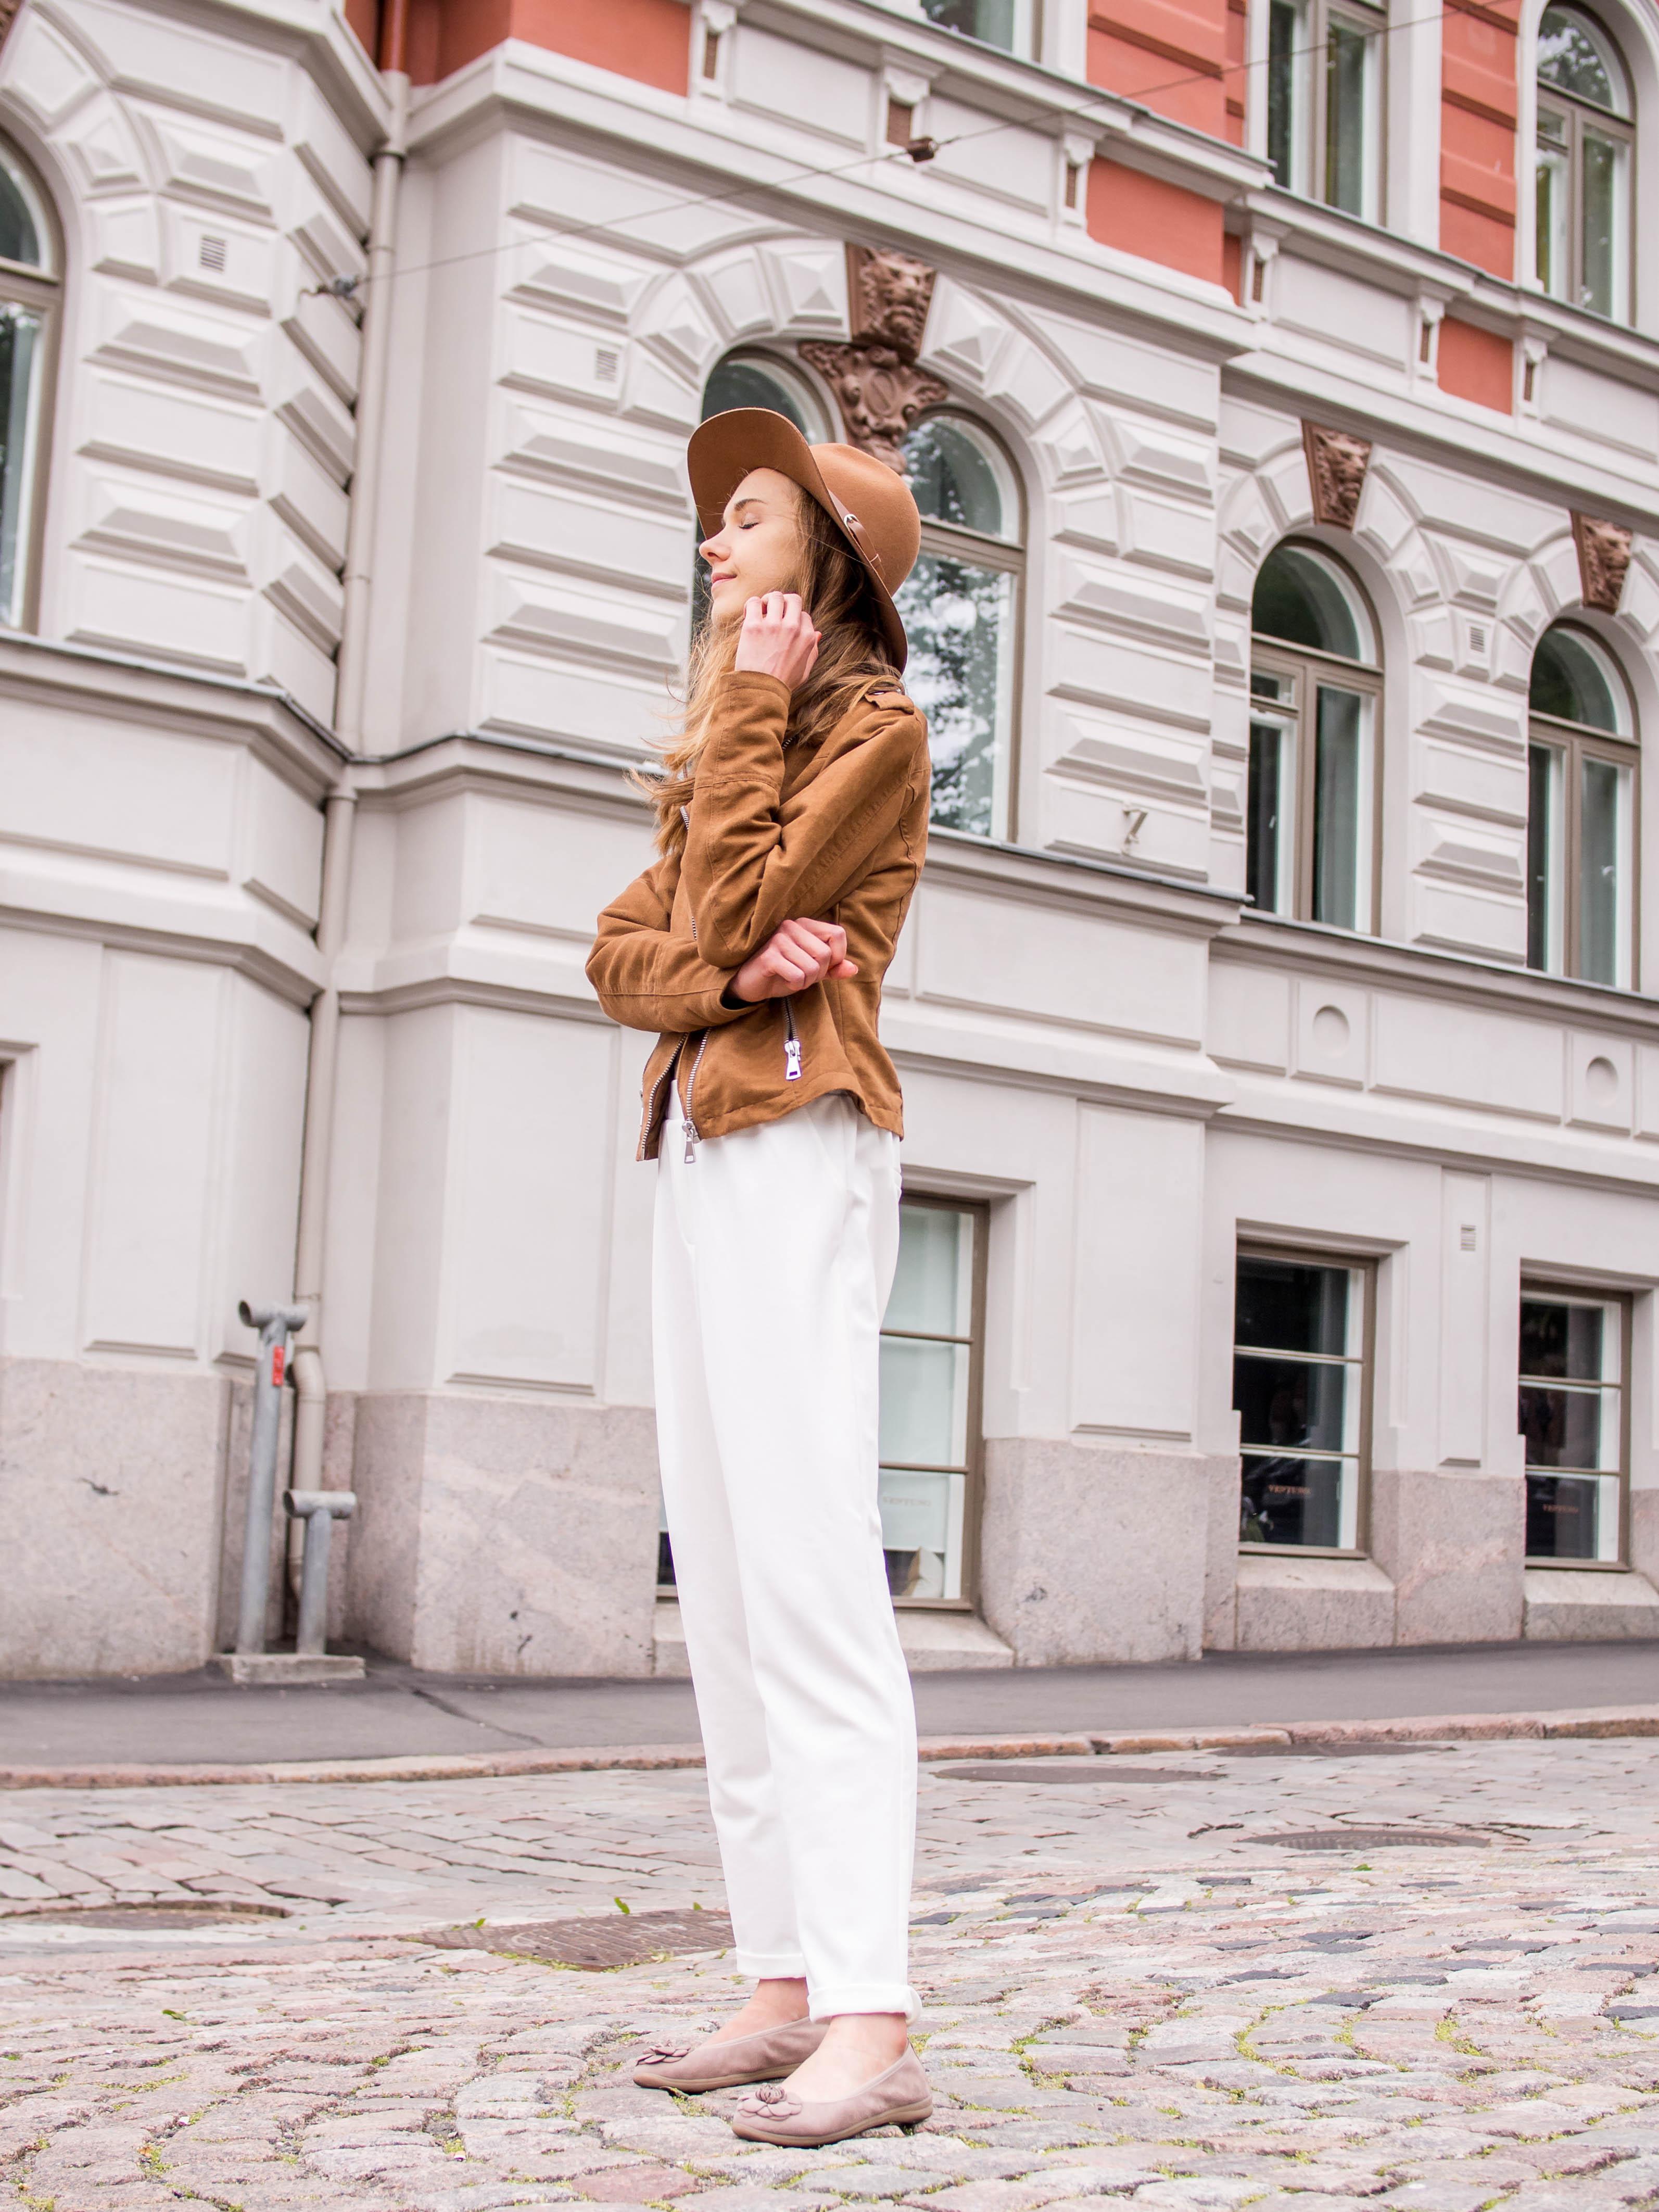 Summer to autumn transitional outfit ideas - Kuinka pukeutua kesästä syksyyn